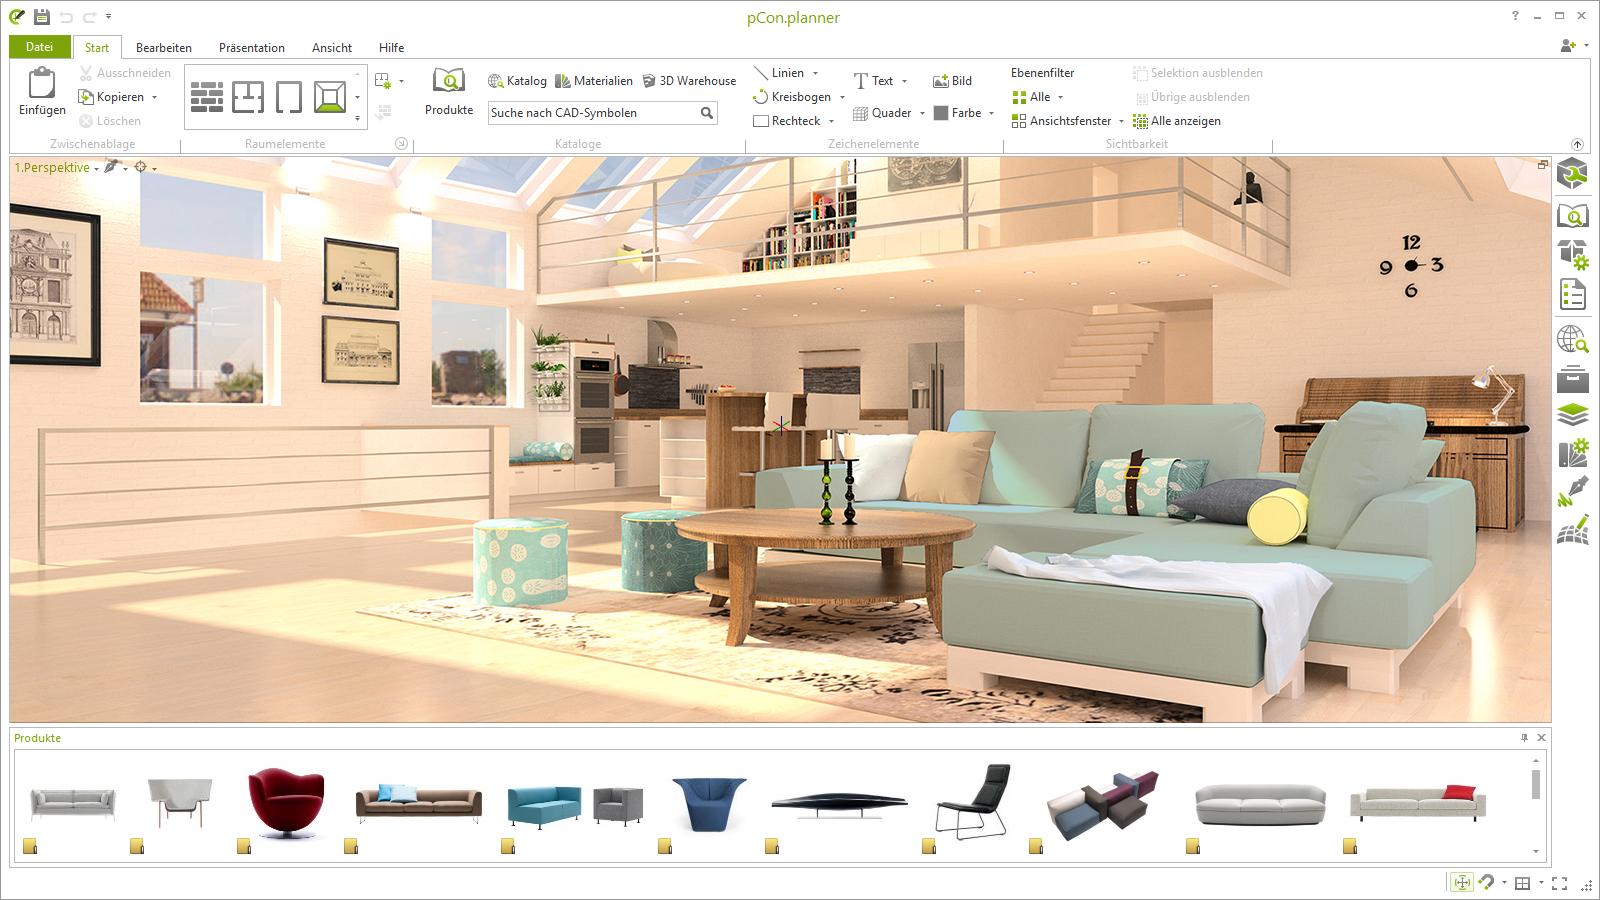 Hochwertige 3D Renderings mit kostenfreiem Profi Tool erstellen Rendering pCon.planner Batch Rendering